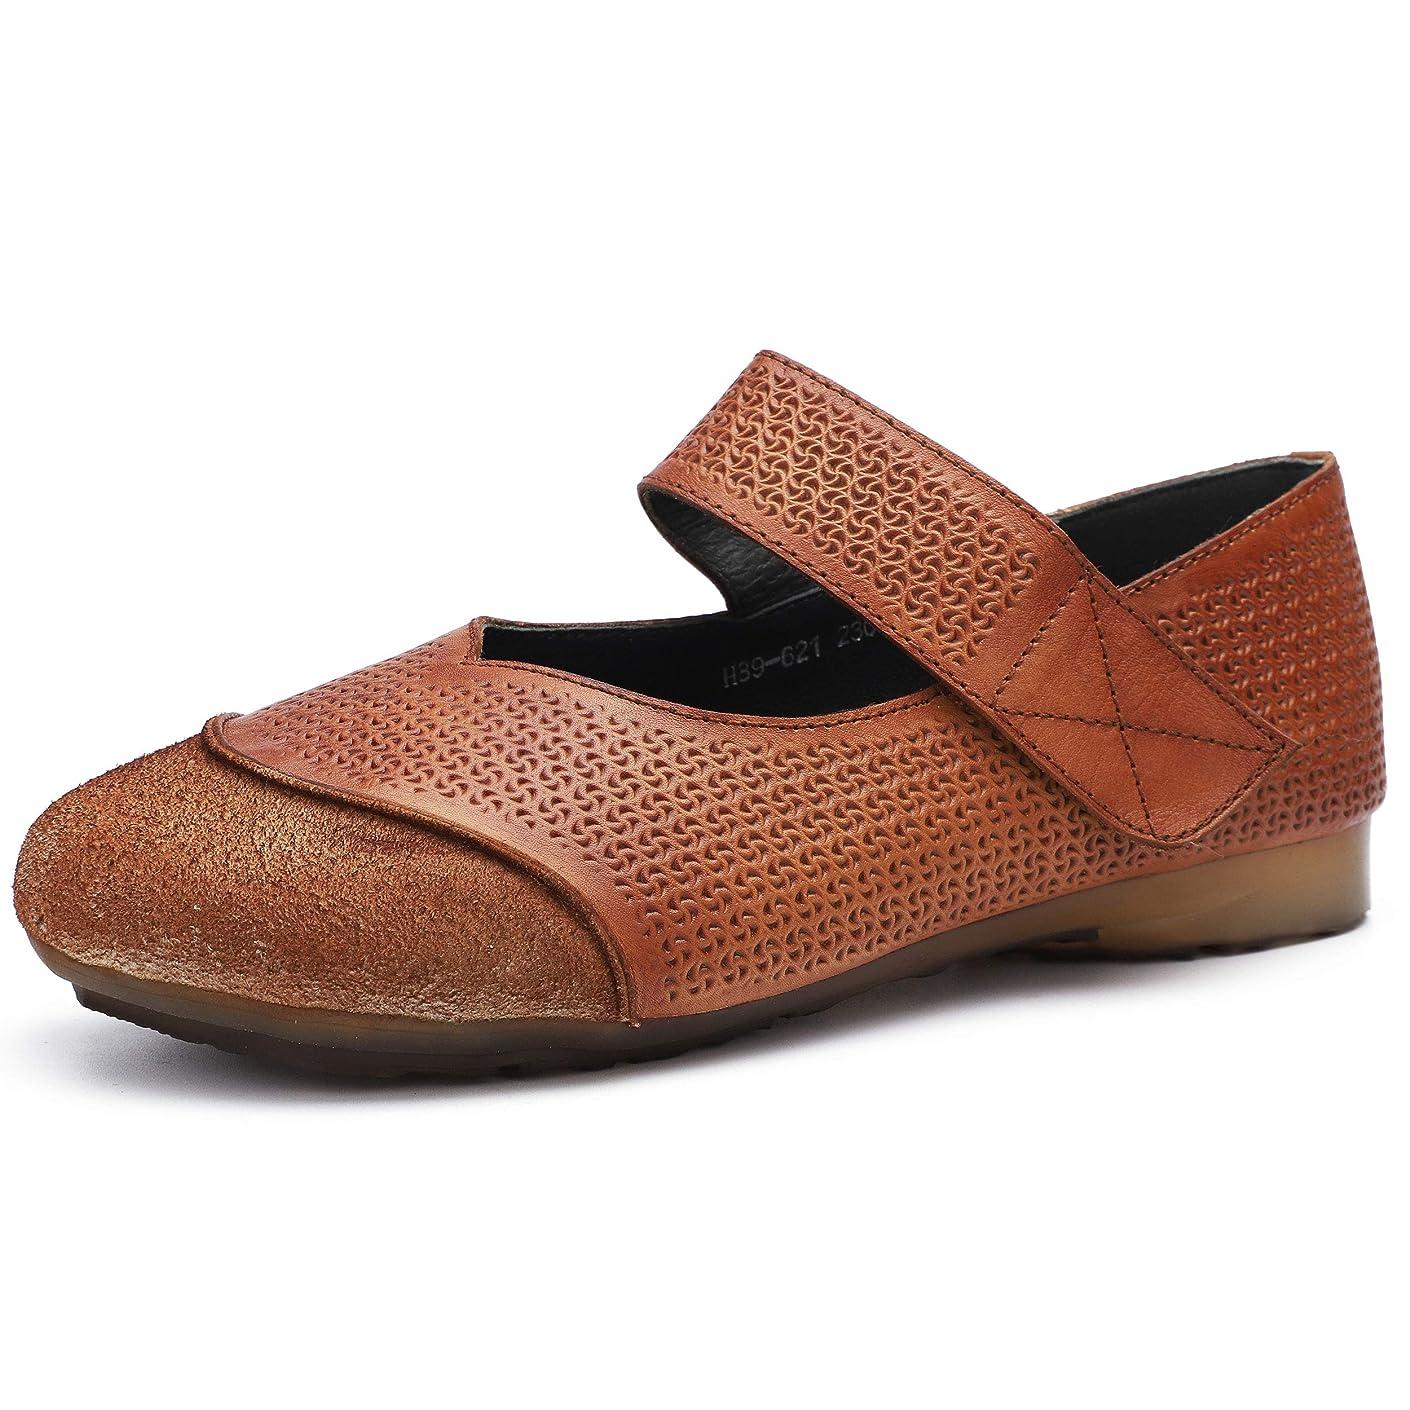 ダンス好意自信がある[Maysky] ウォーキングシューズ マジックテープ ストラップ スエード レザー 切り替え ぺたんこ ラウンドトゥ 靴 歩きやすい 履きやすい 疲れにくい パンプス